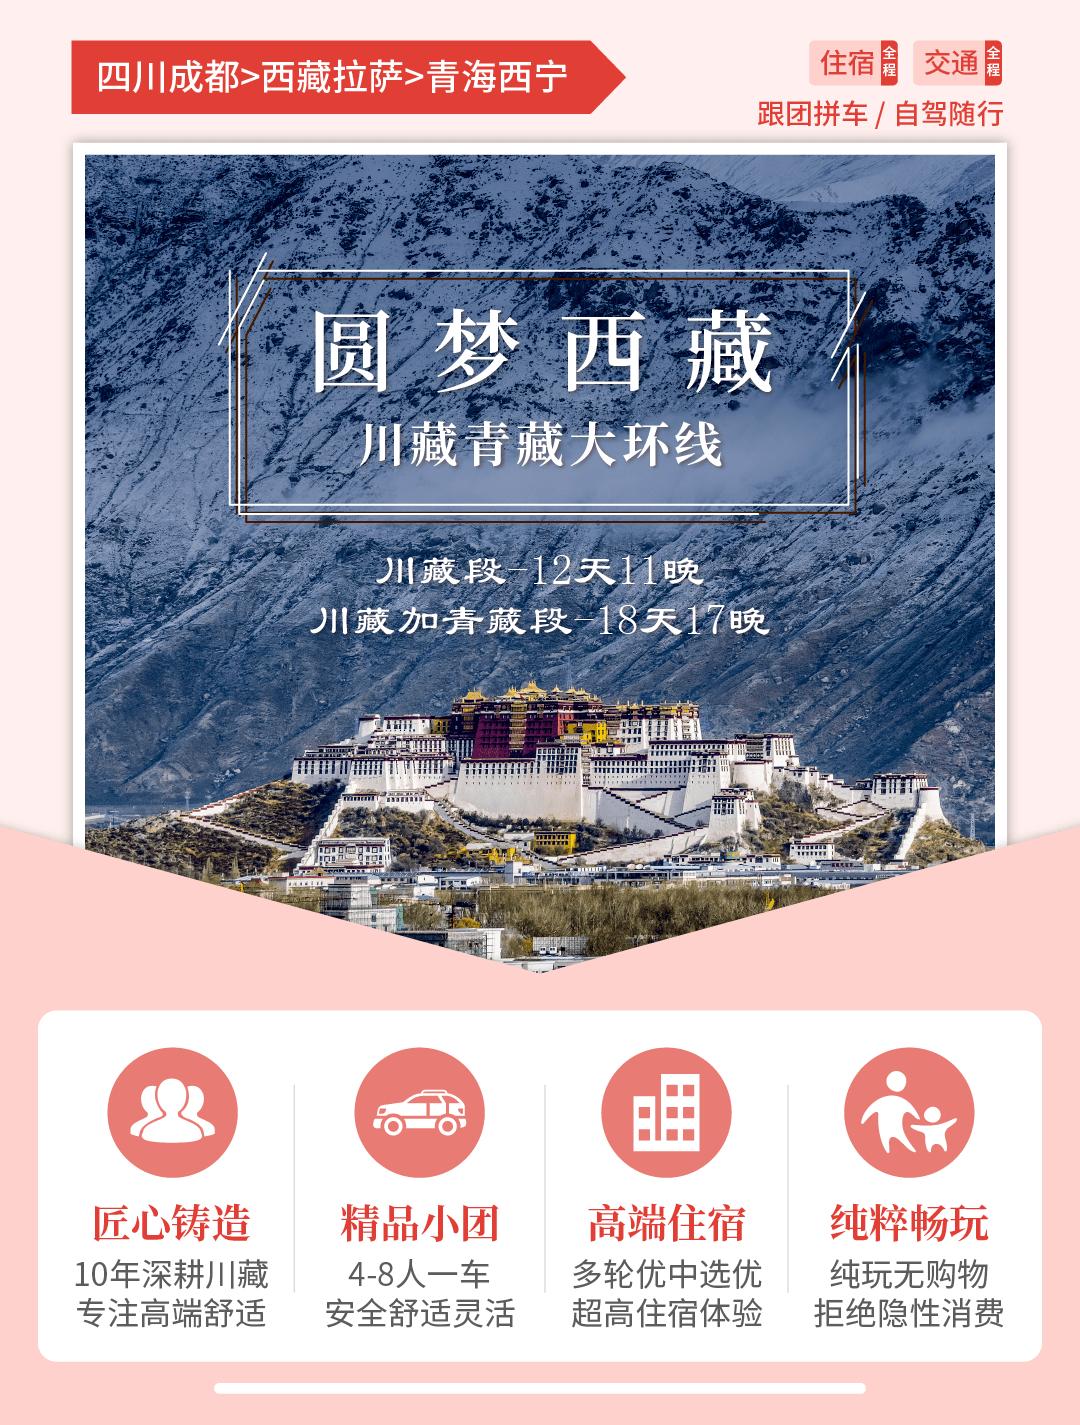 2021,我们一起去西藏。